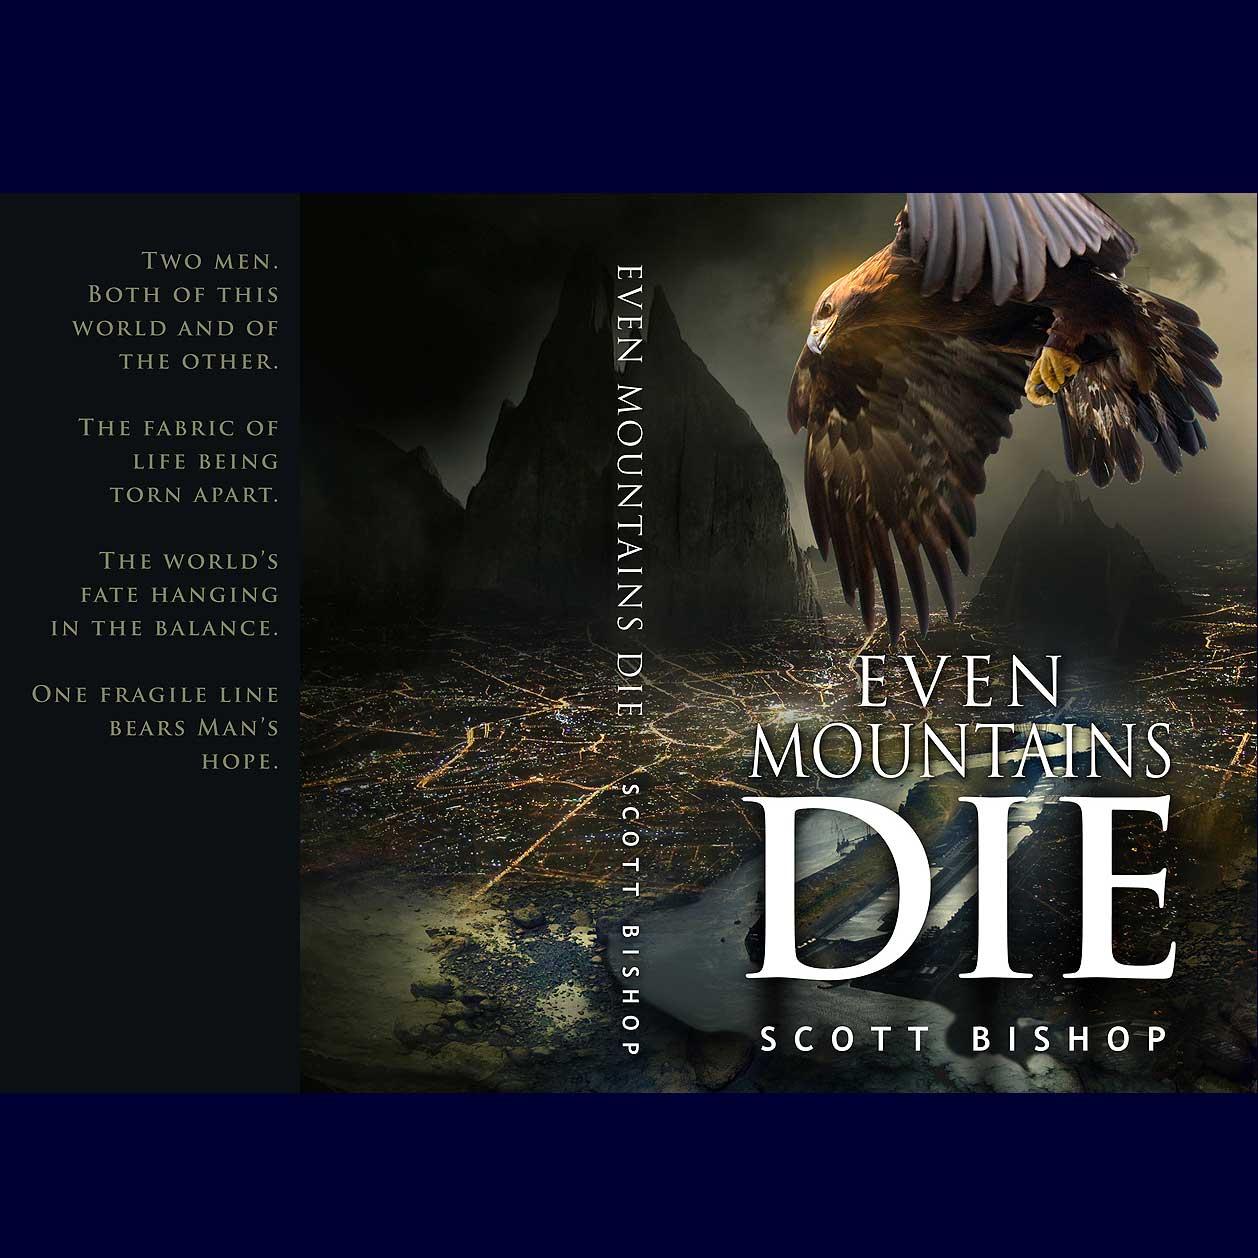 custom book cover design by faucetana